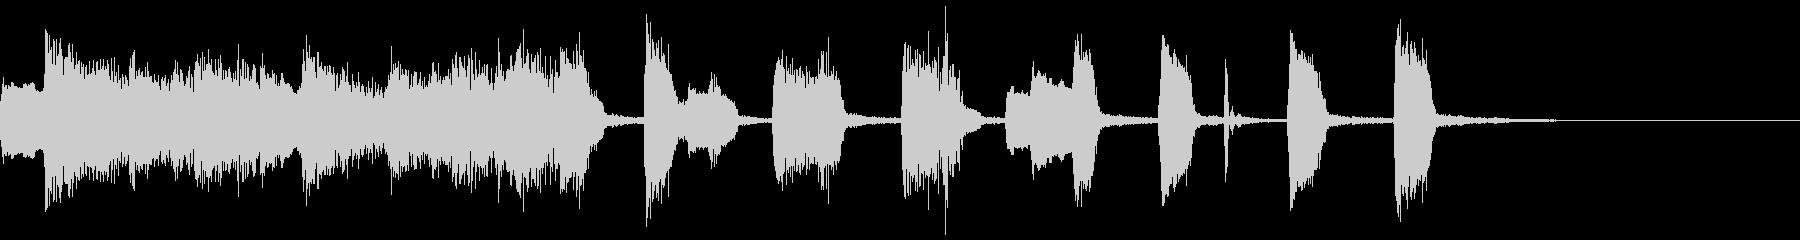 ピアノ・ジャズ・ポップ・ドラム・ジングルの未再生の波形